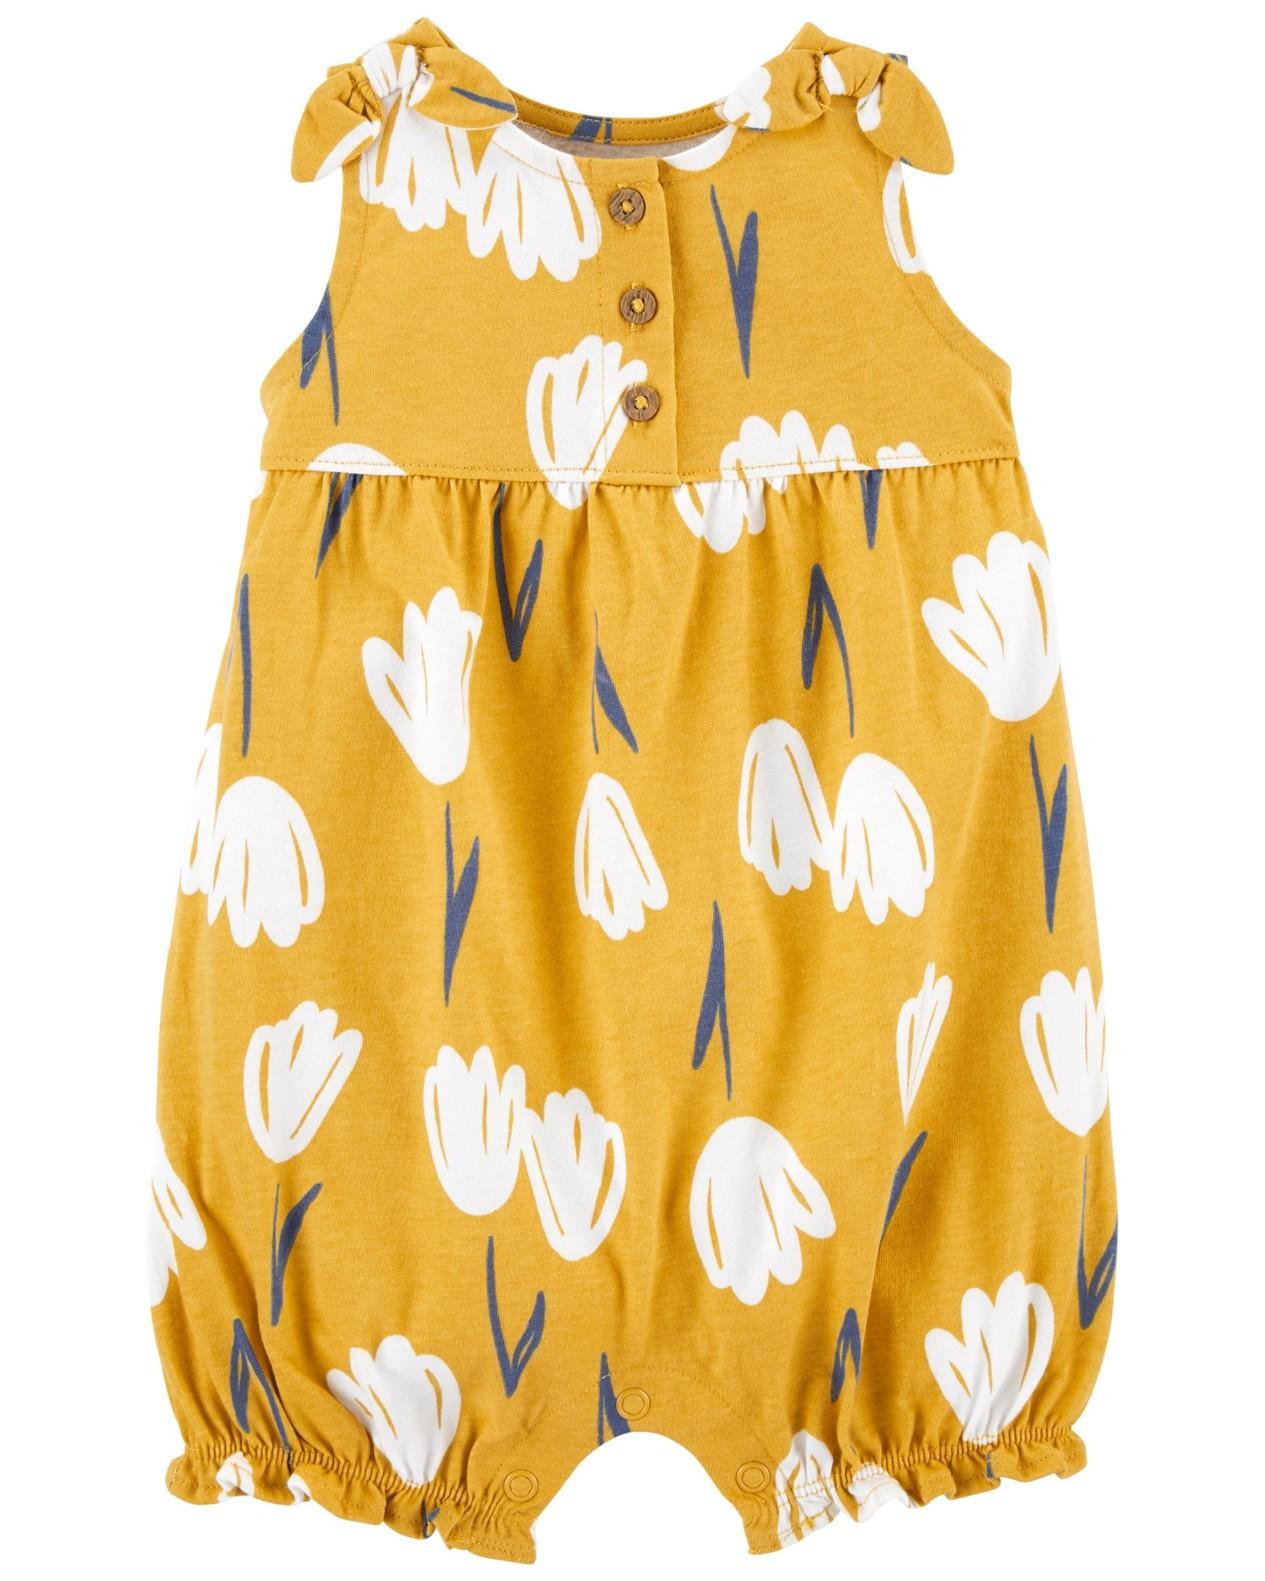 CARTER'S Overal bez rukávov Yellow Floral dievča 12 m, veľ. 80